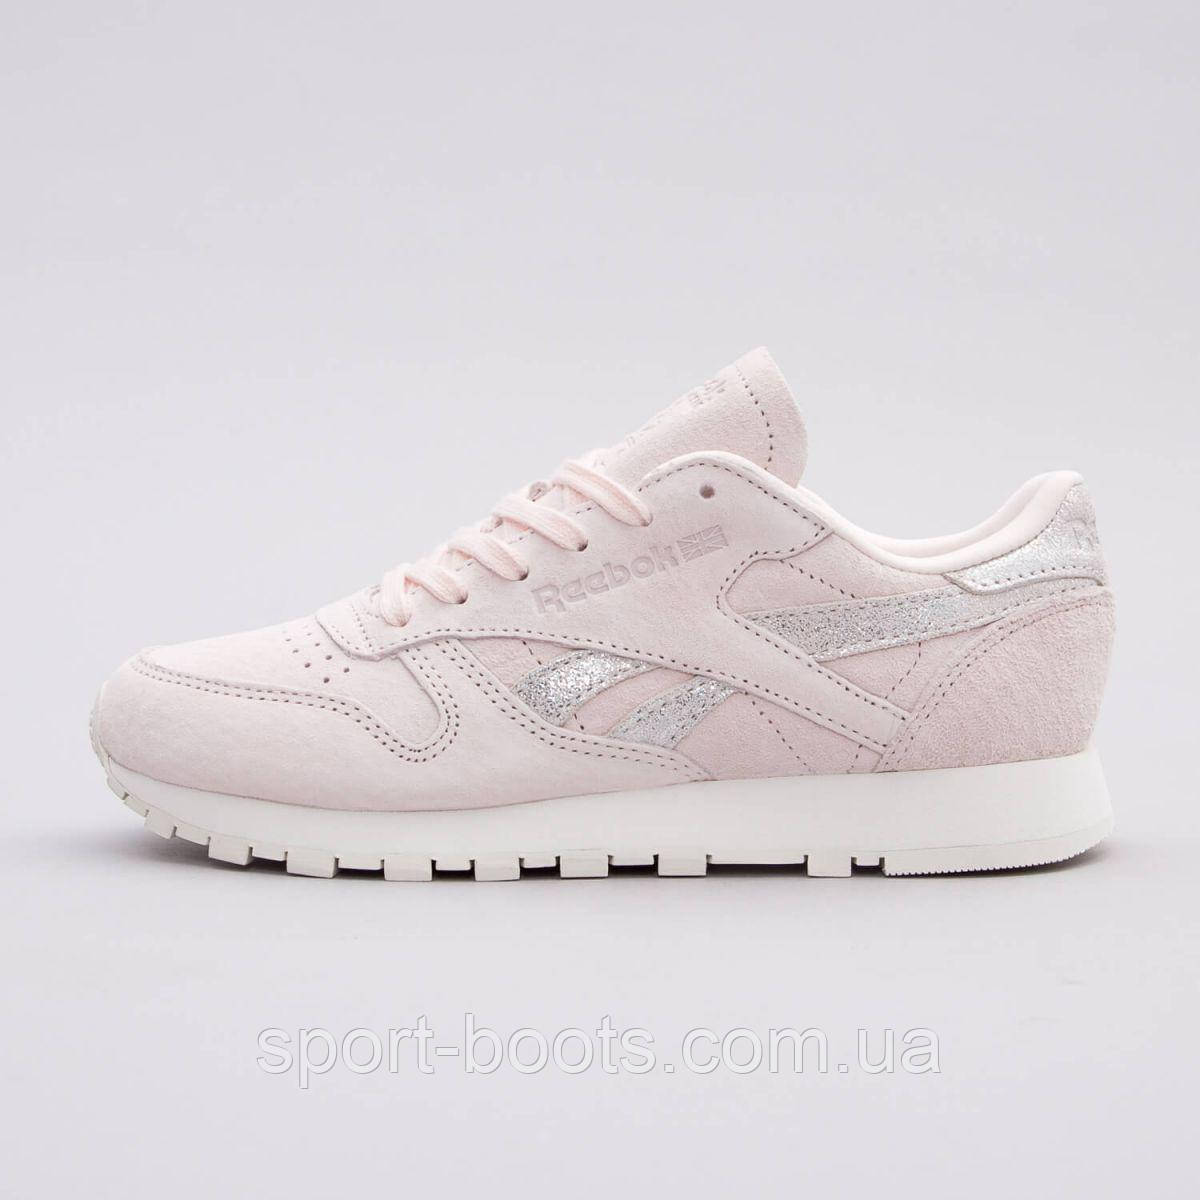 Оригинальные женские кроссовки REEBOK CLASSIC LEATHER SHIMMER ... 3011ae86a20